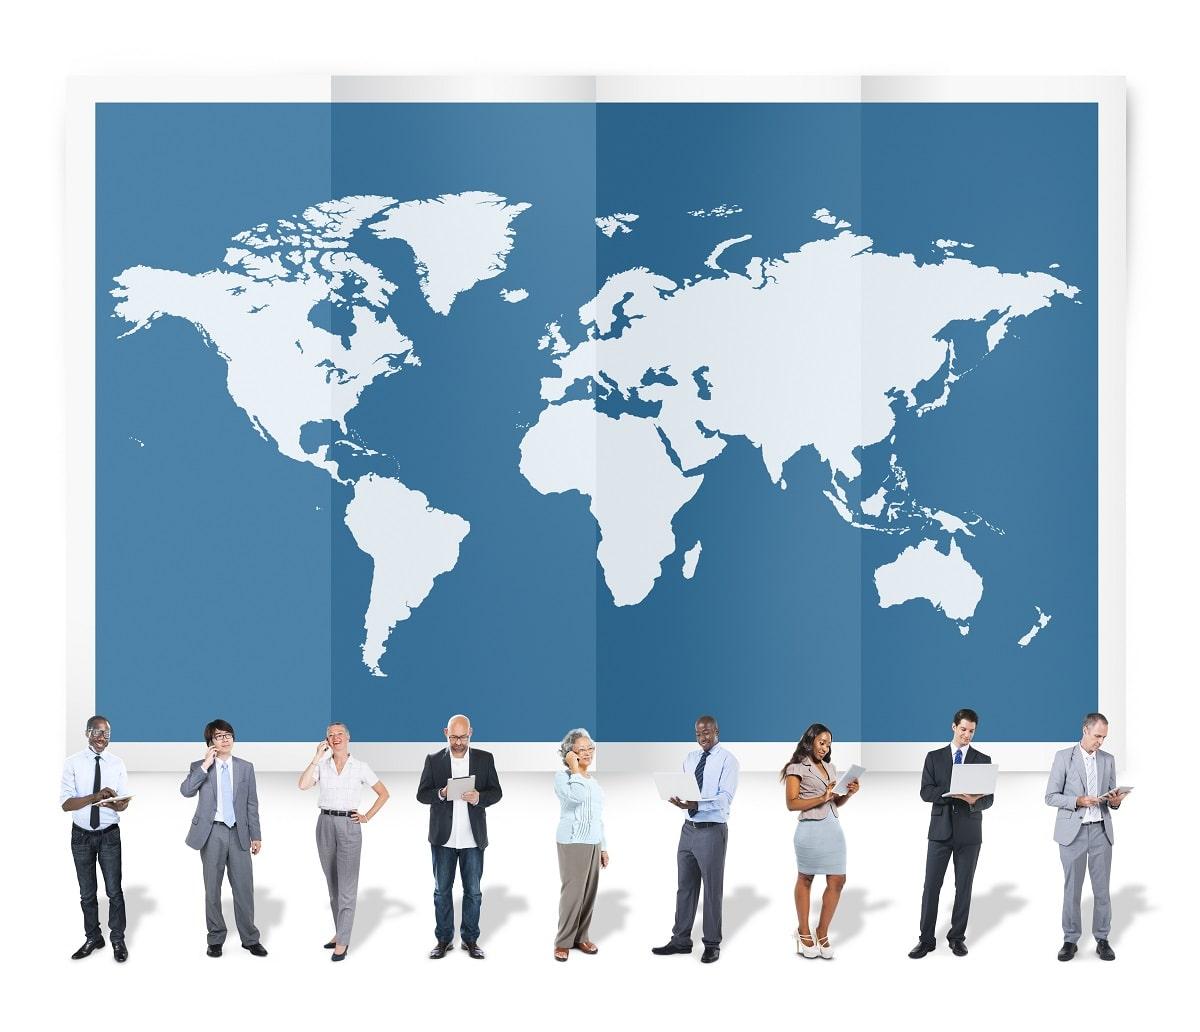 習得すべきは英語か他言語か?日本で国際派として仕事や活動する場合